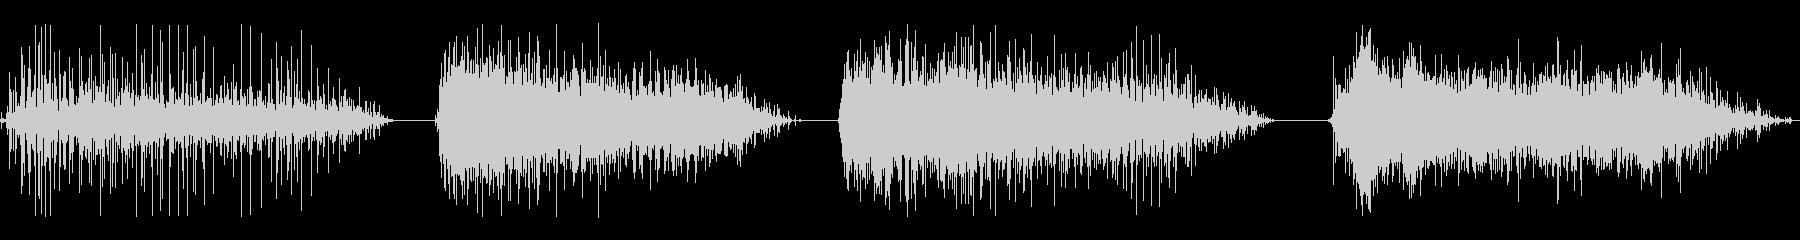 拍手、HUM OF VOICES、...の未再生の波形